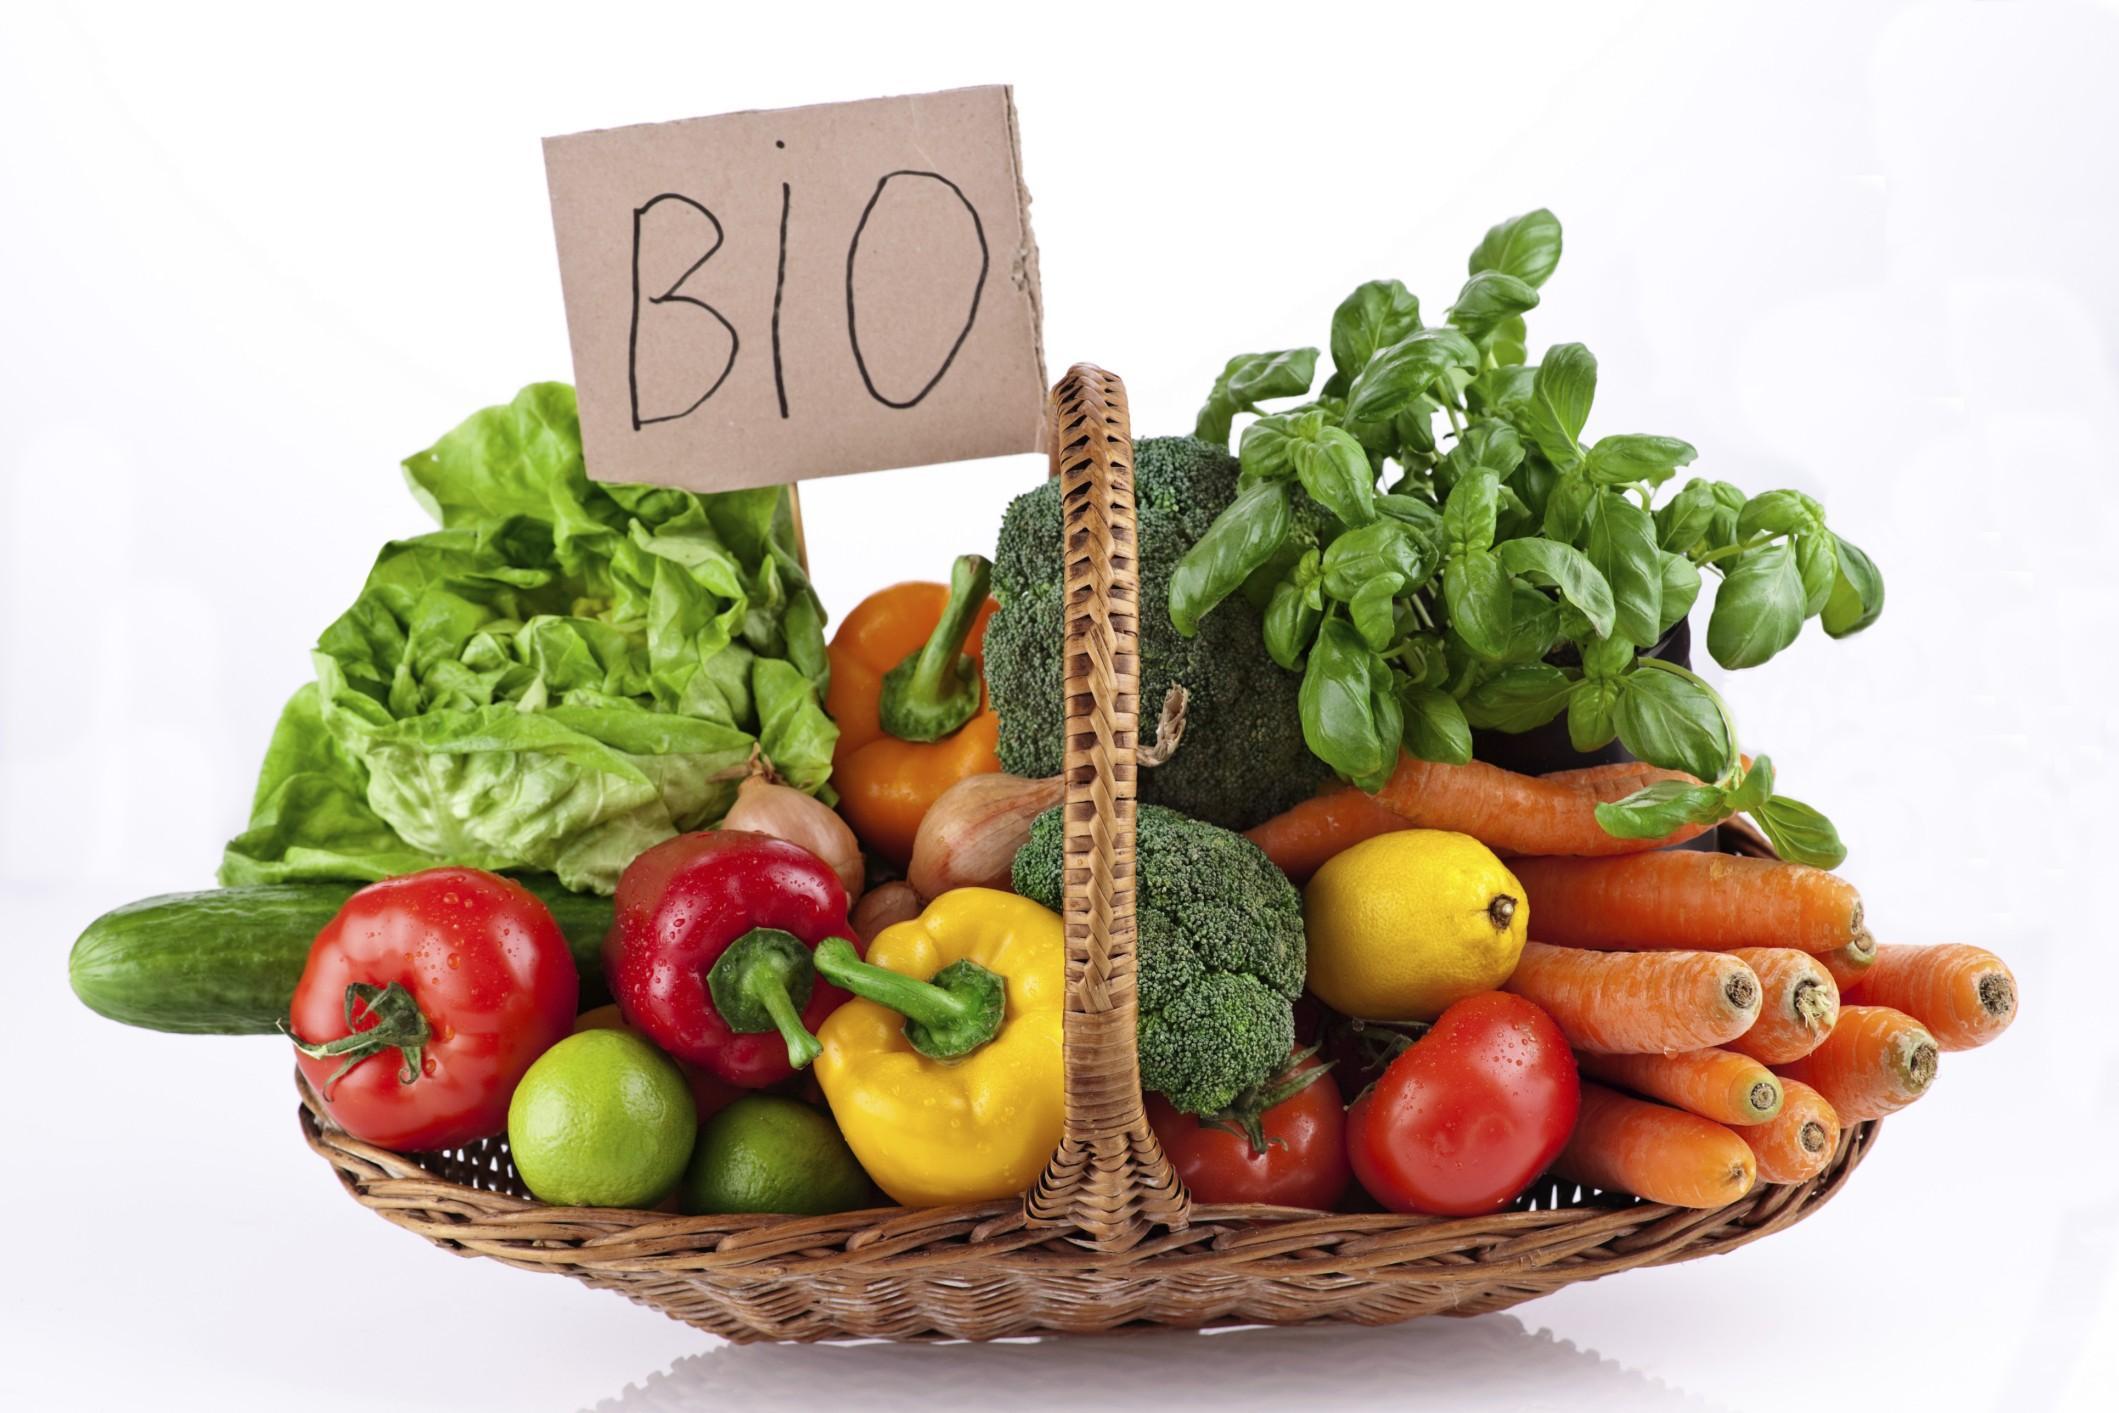 Coltivazioni biologiche in aumento in Italia: cresce la domanda di prodotti bio